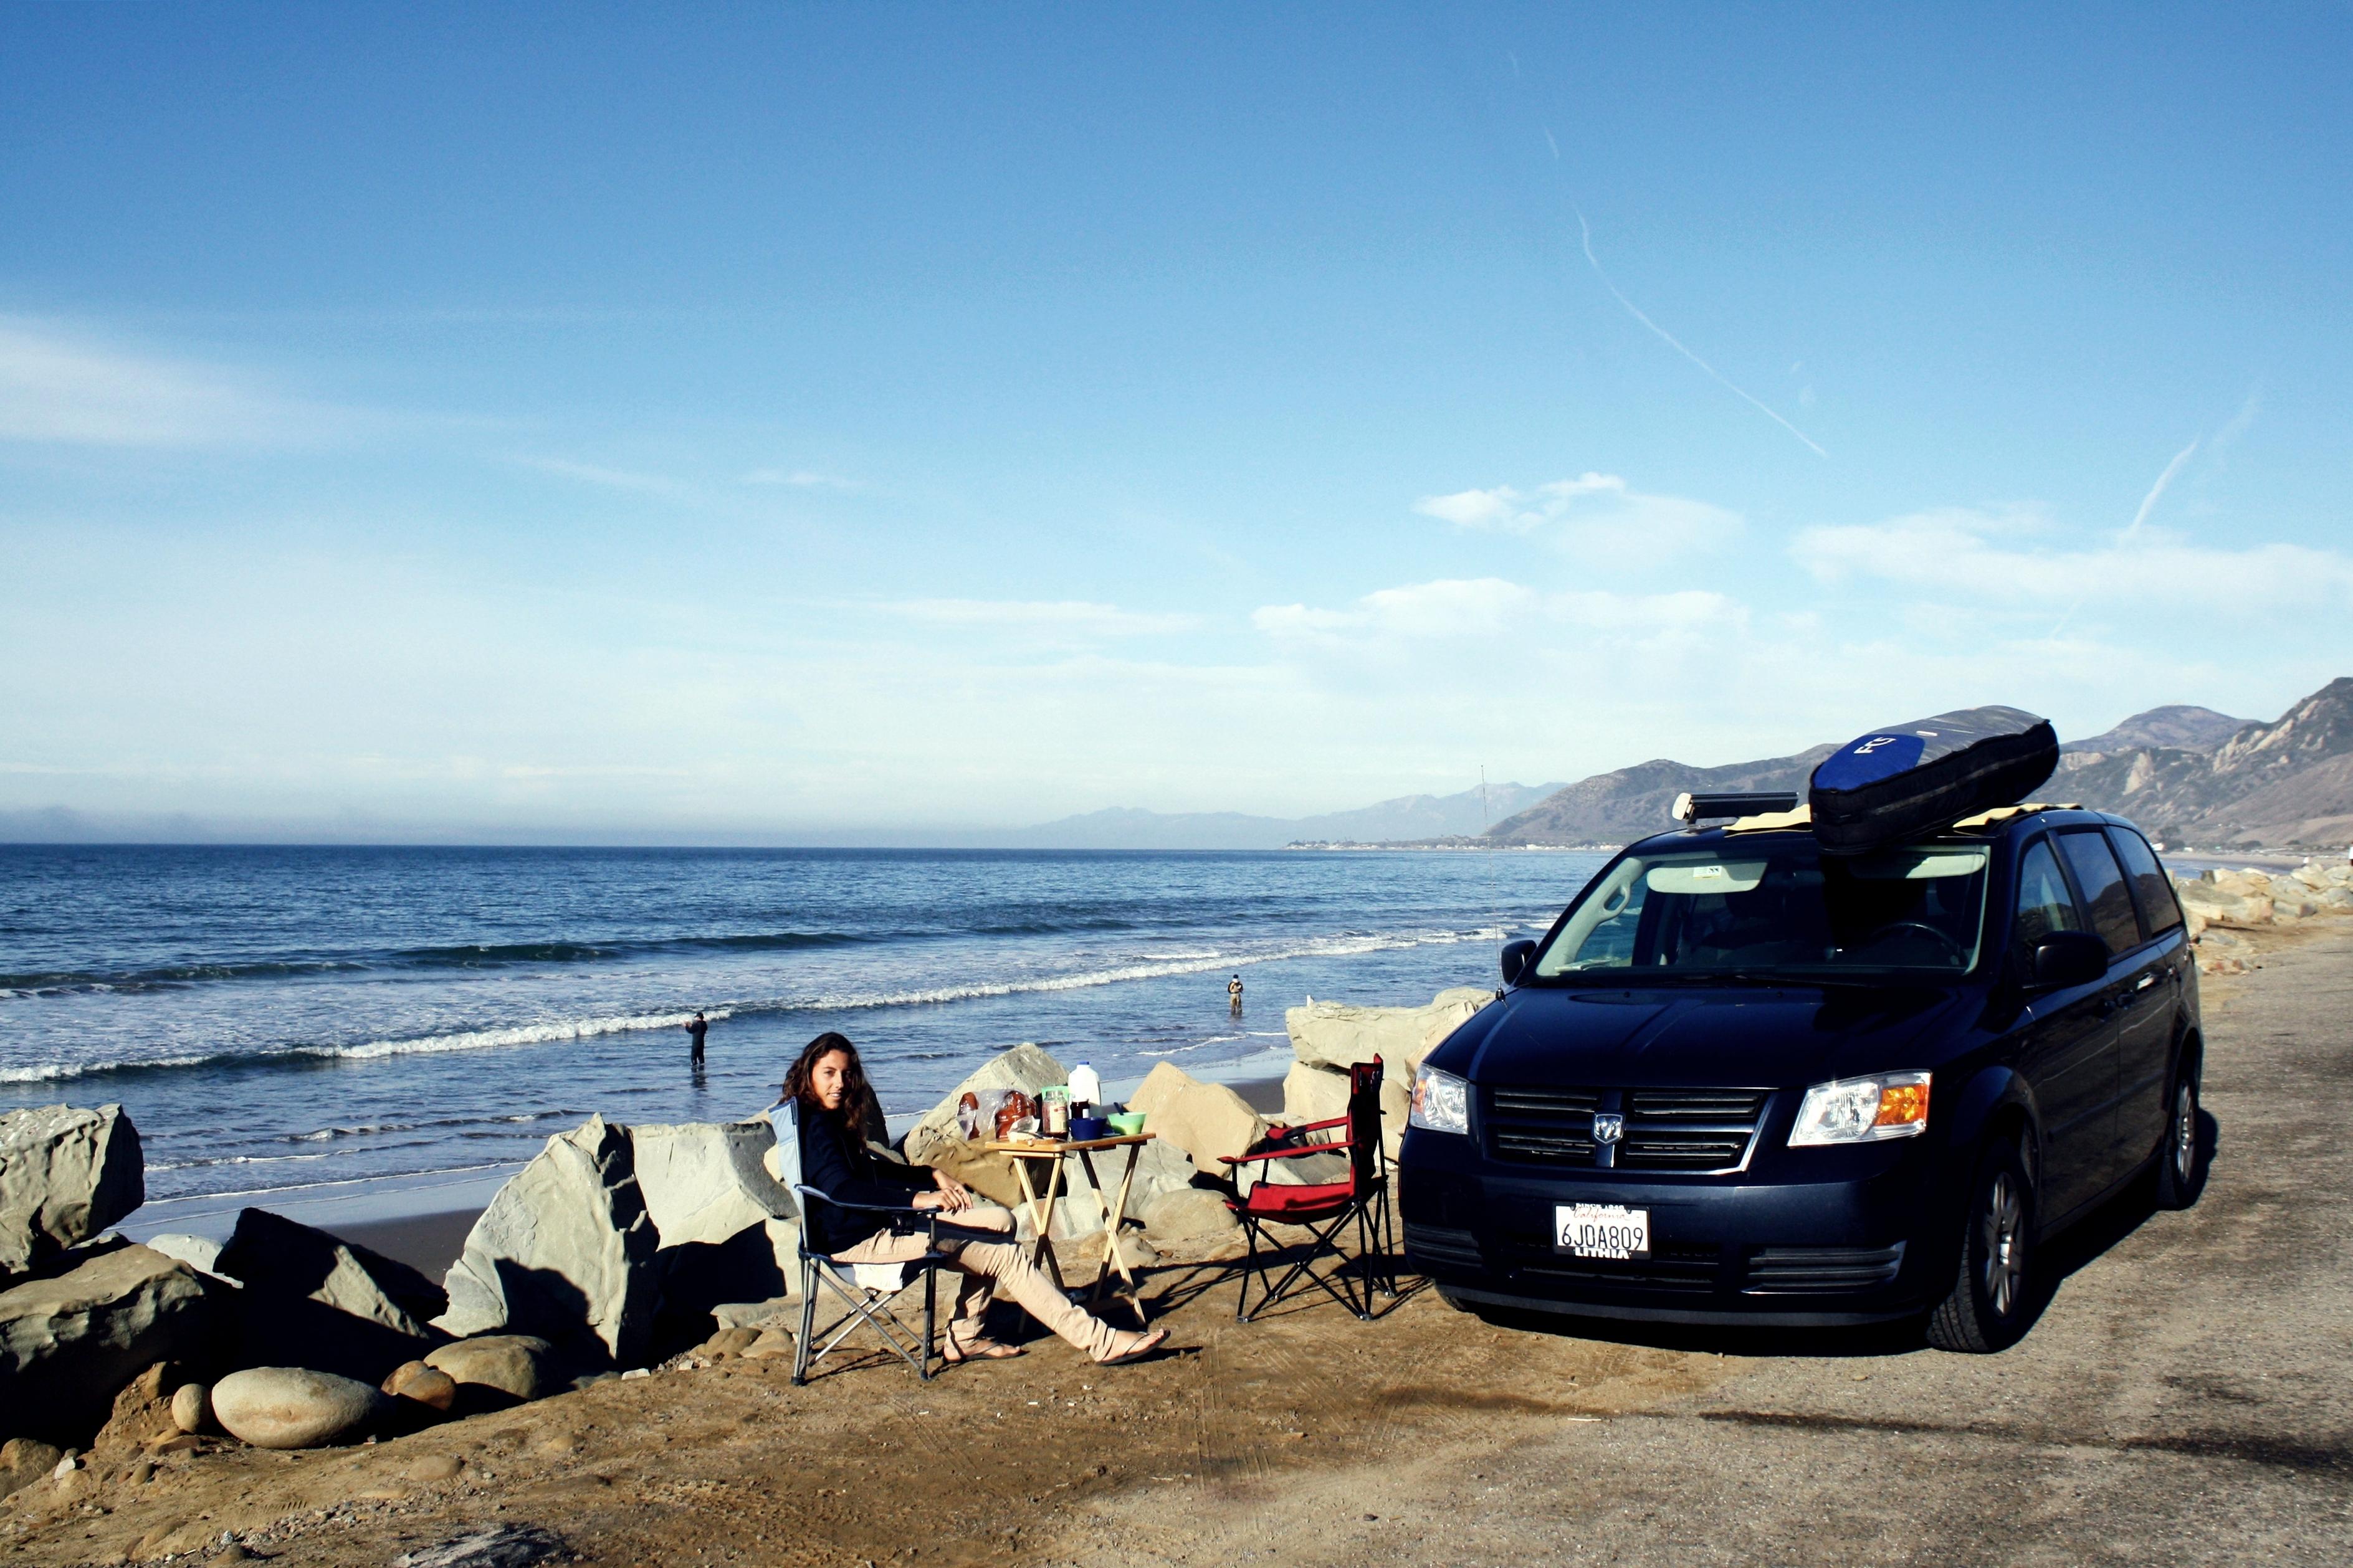 Lost Campers Campervan and Passenger Van Rental image 1